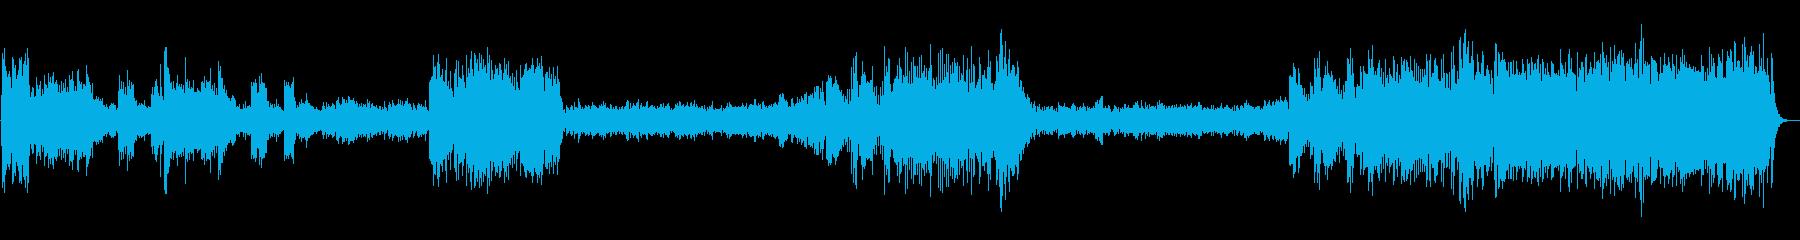 超有名なアメリカの行進曲の再生済みの波形